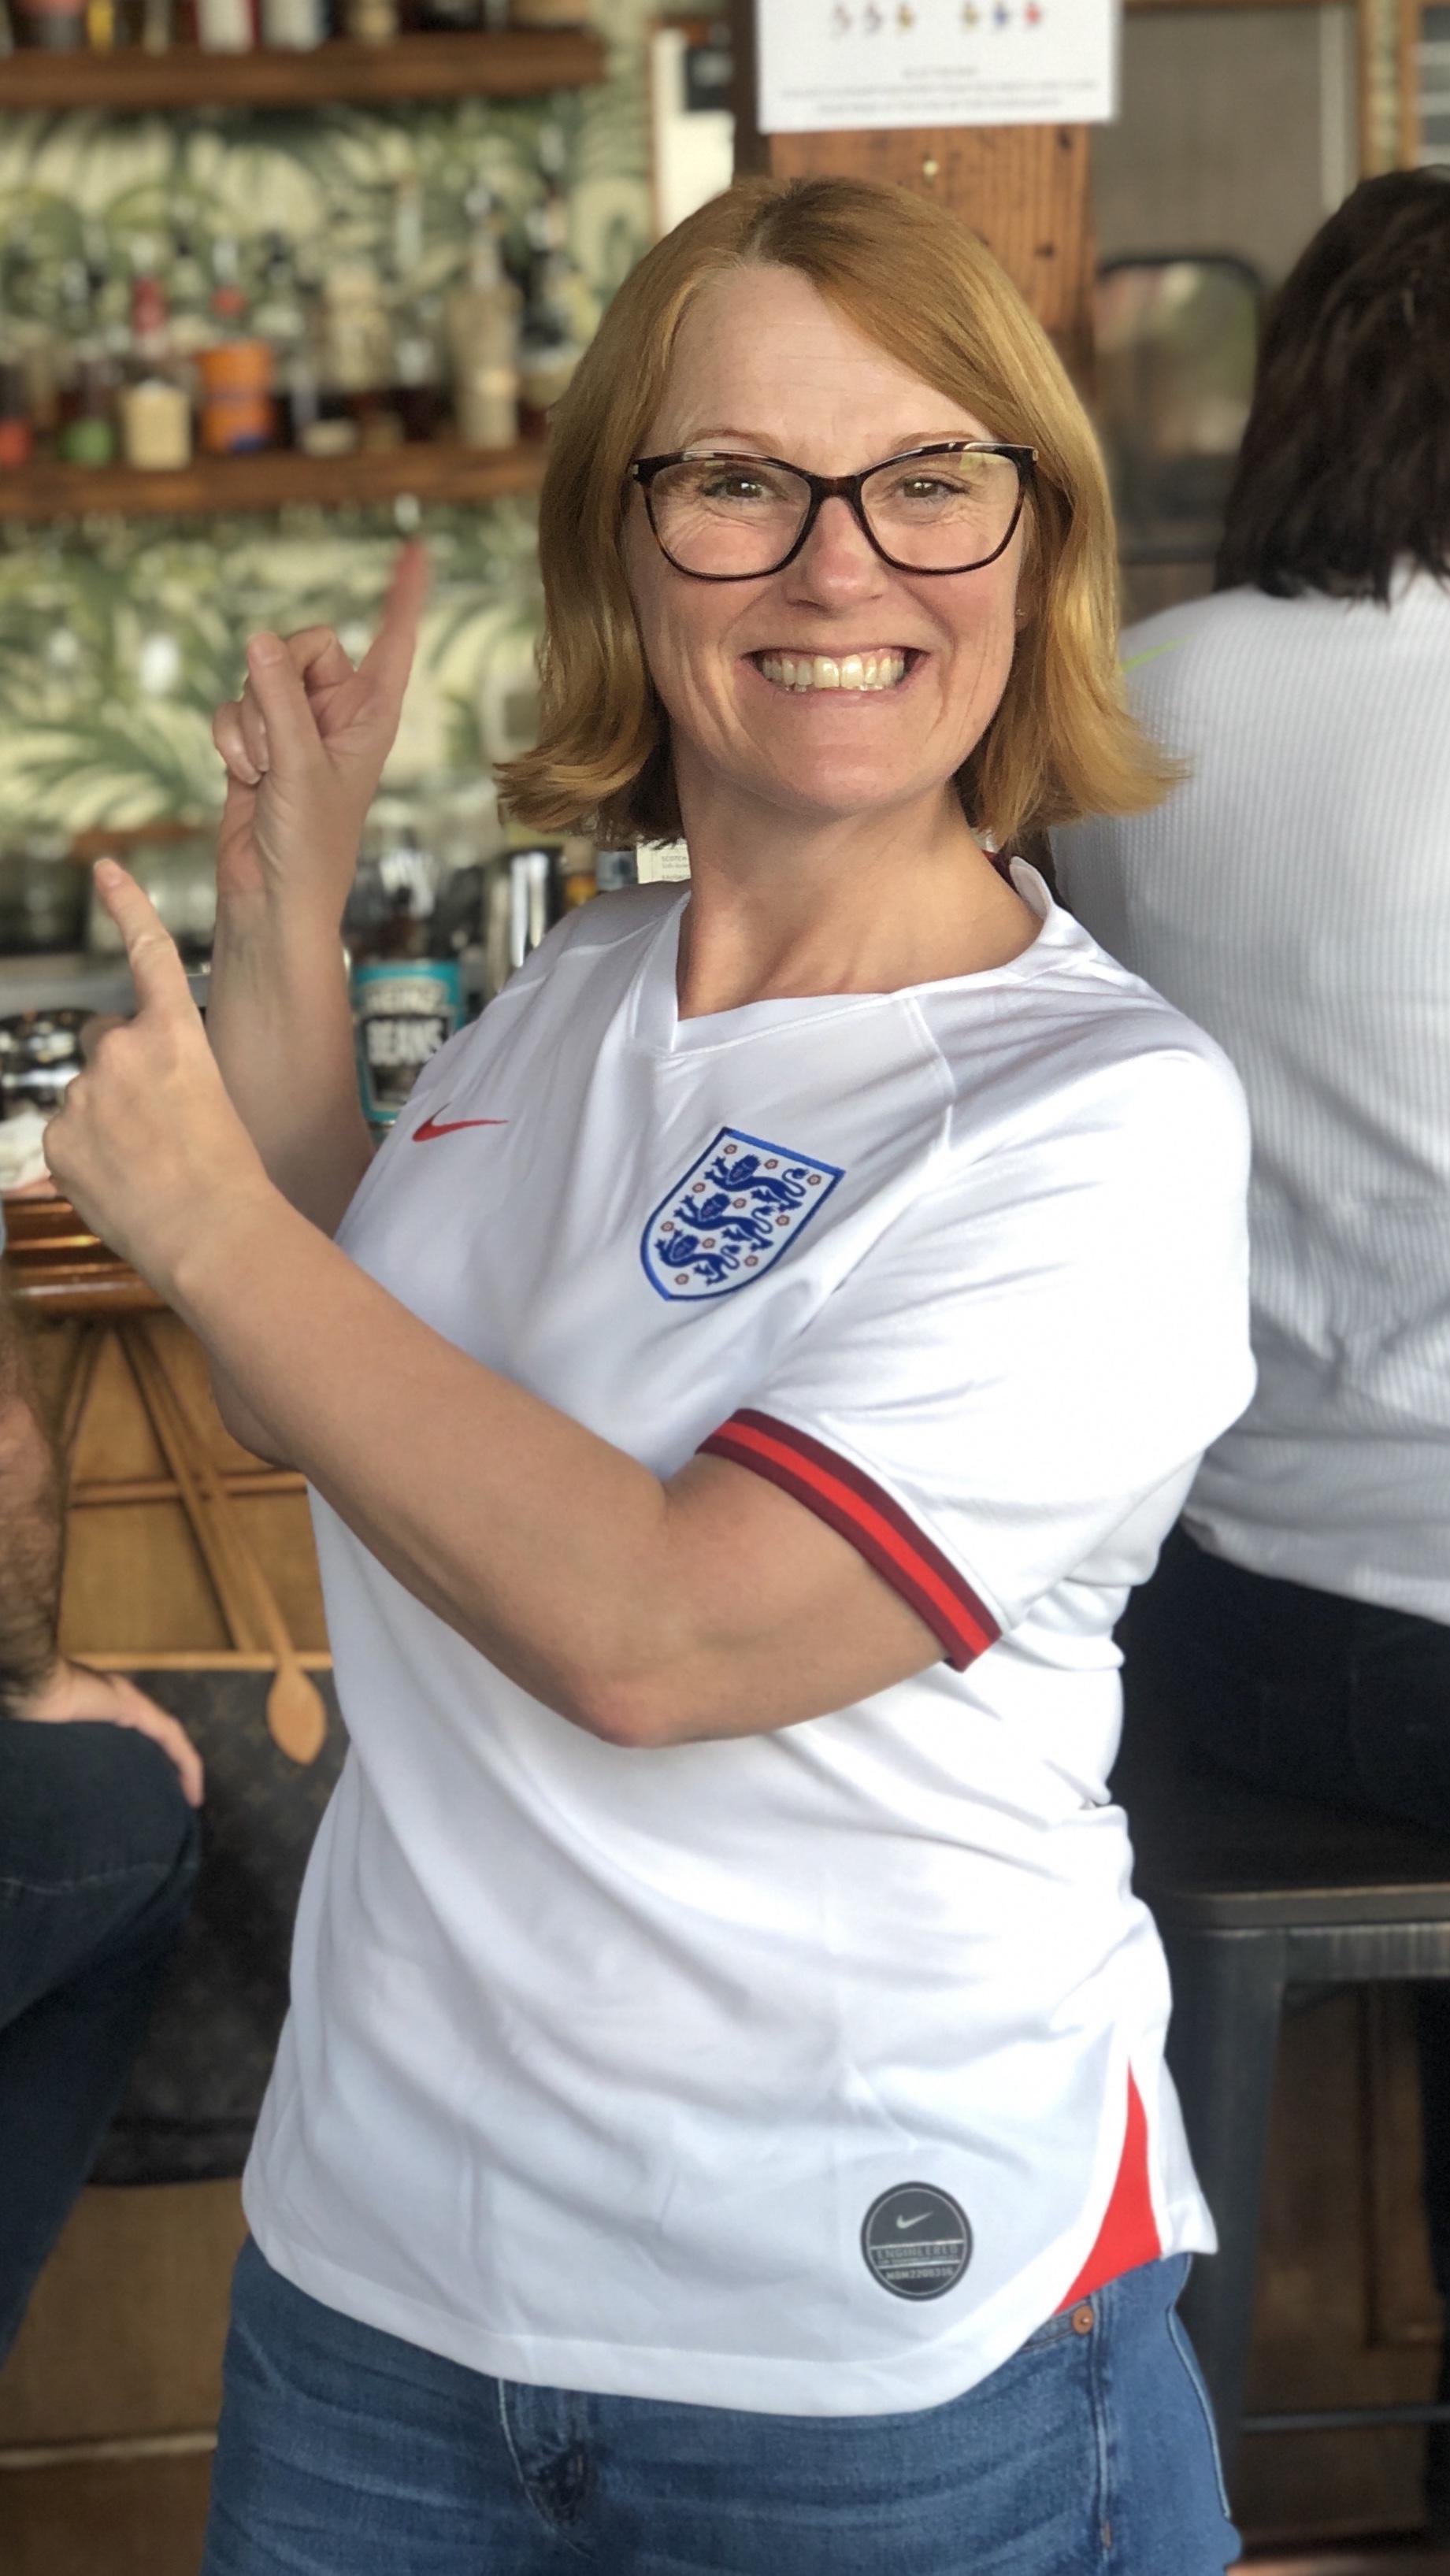 England fan WWC 2019.jpeg